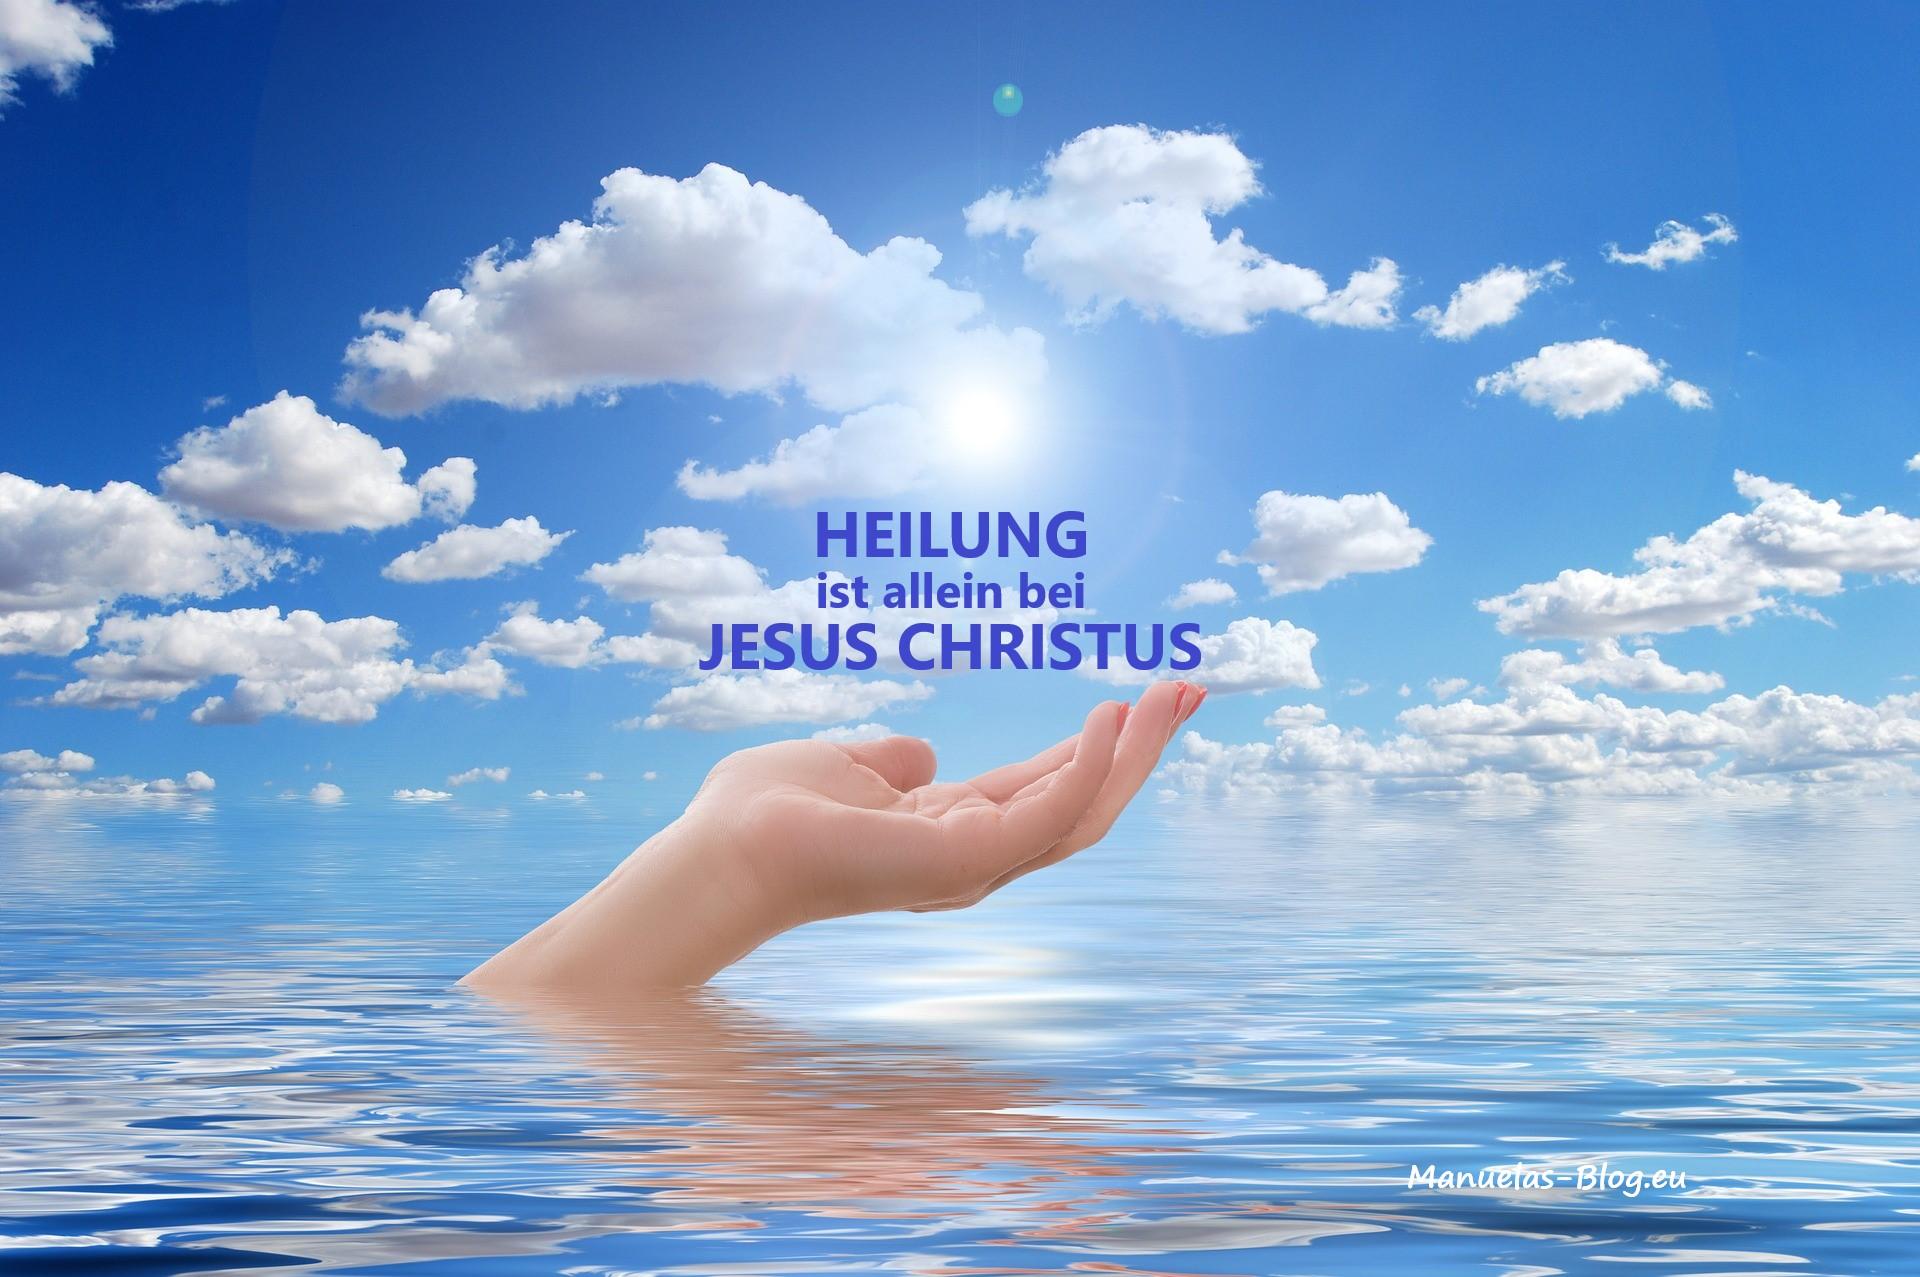 HEILUNG ist allein bei JESUS CHRISTUS